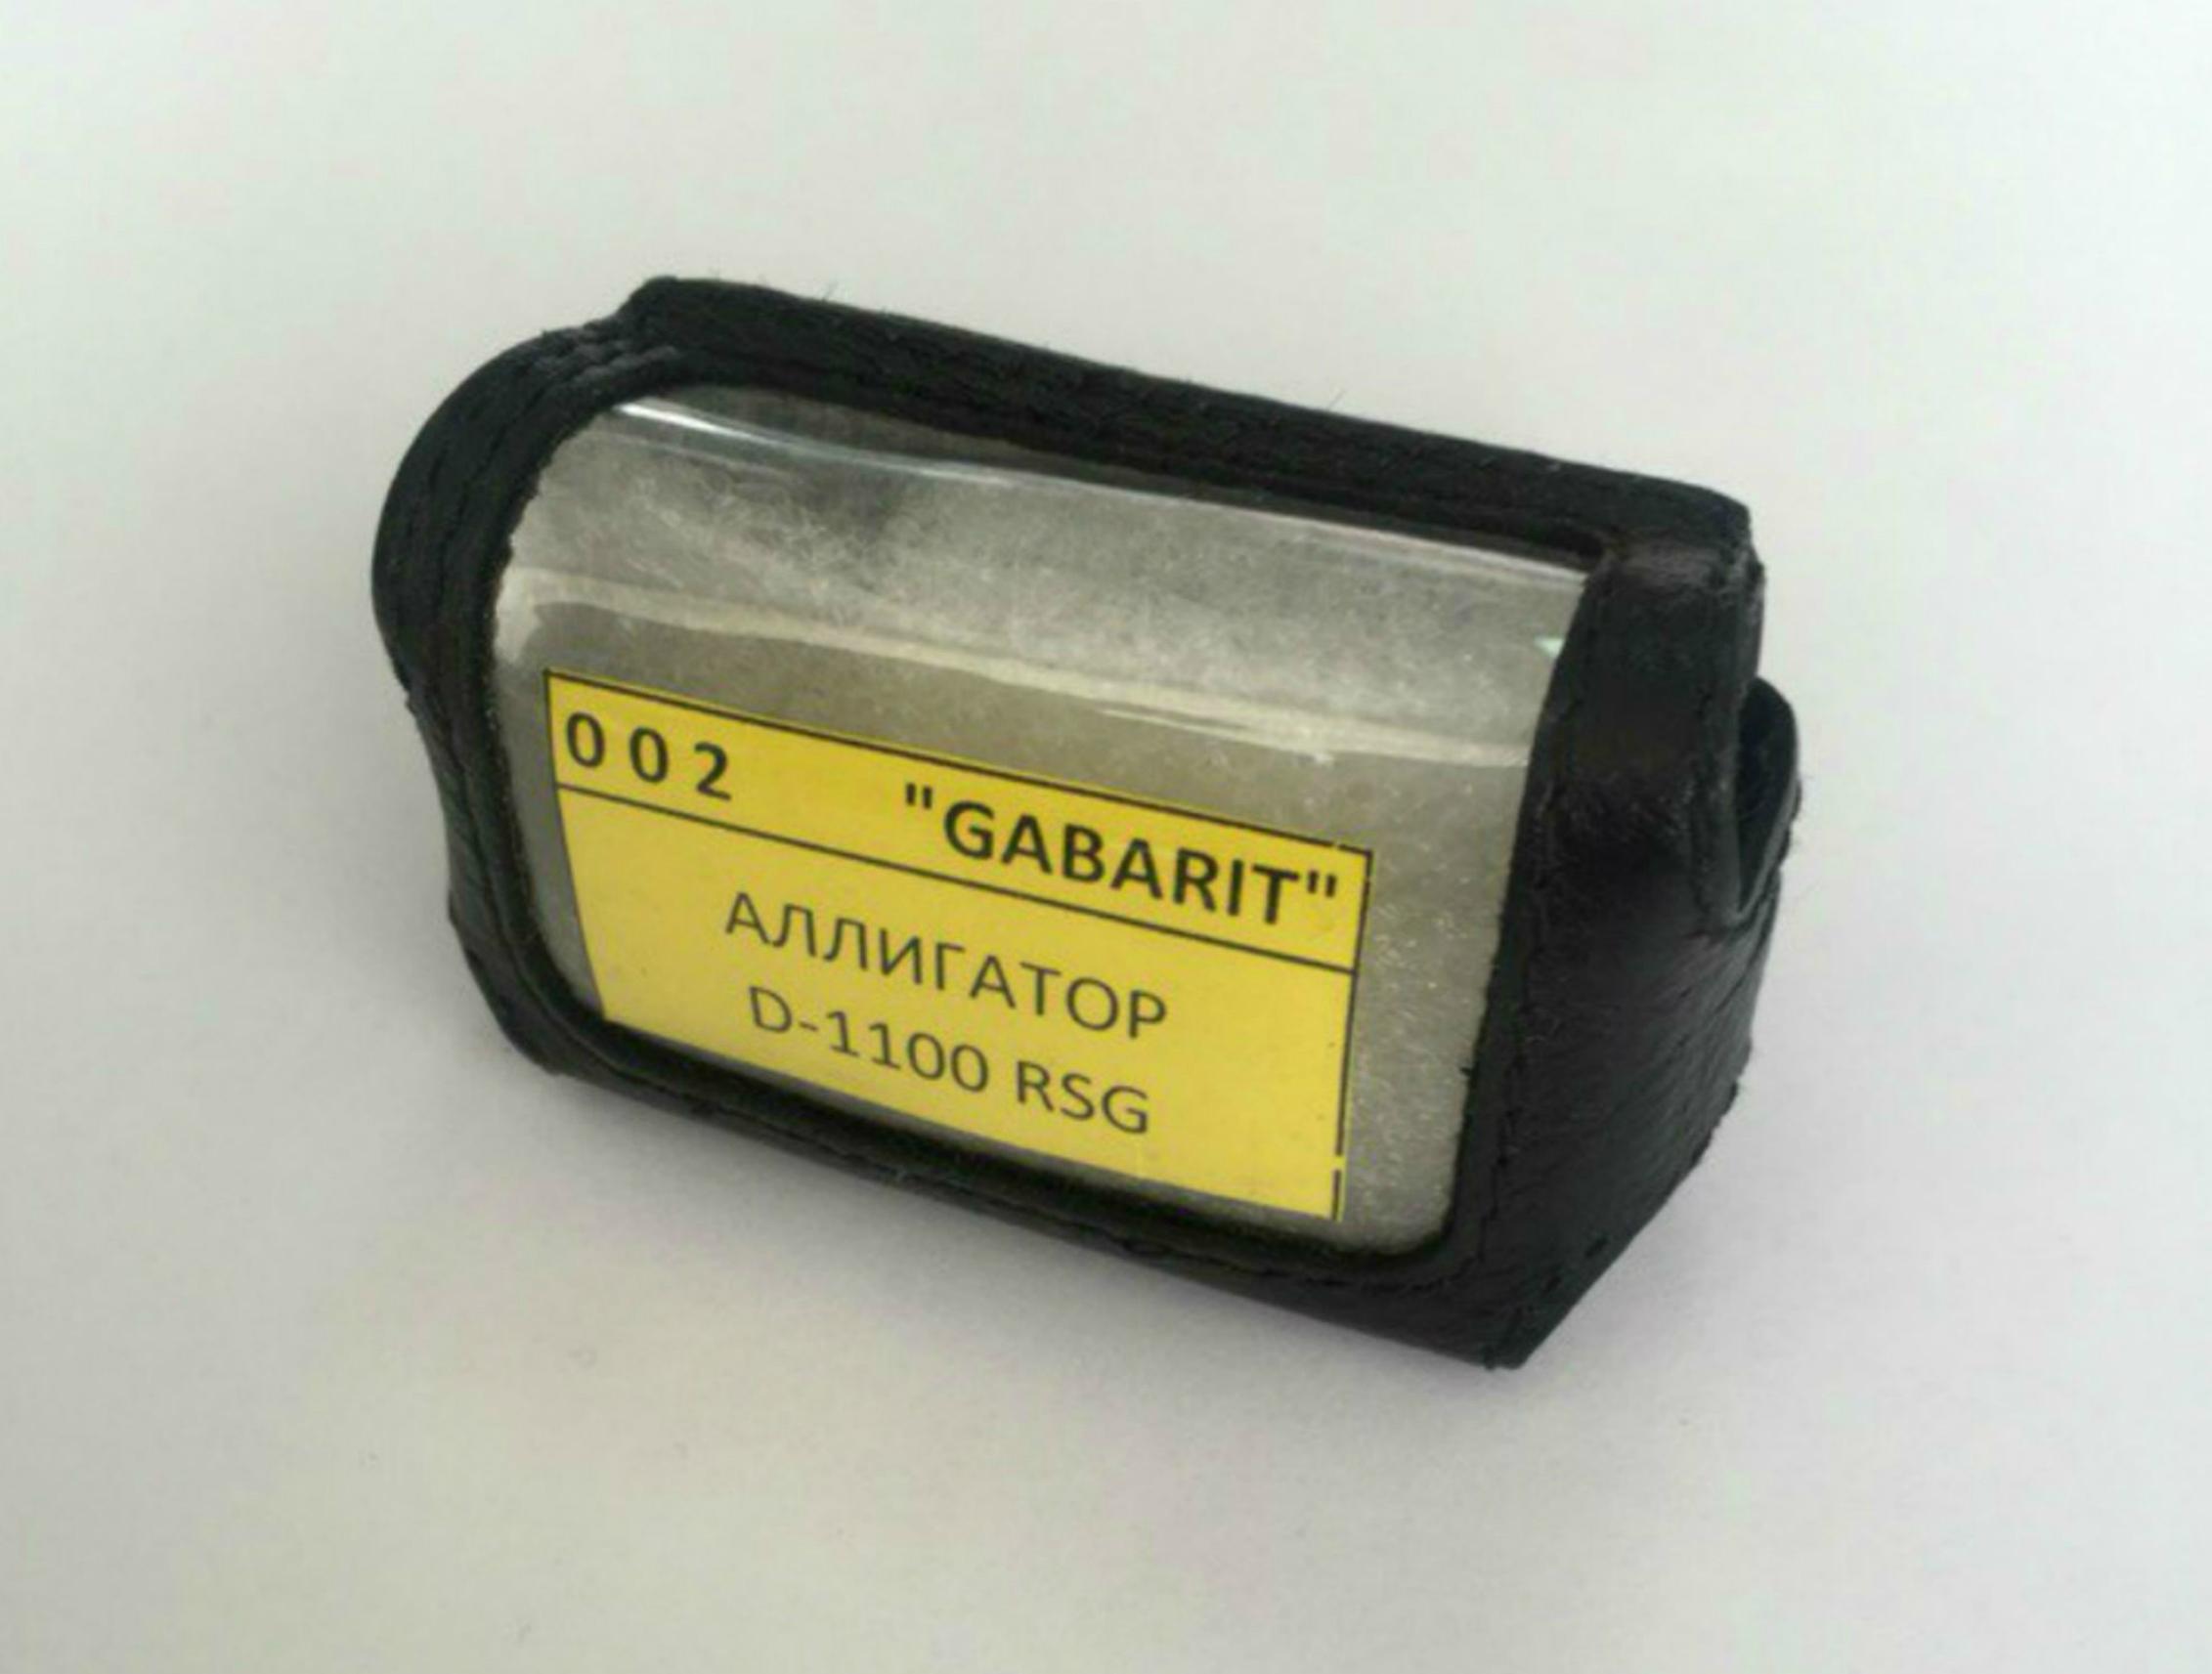 Чехол на сигнализацию ALLIGATOR D-1100 RSG кобура на подложке с кнопкой, кожа чер.